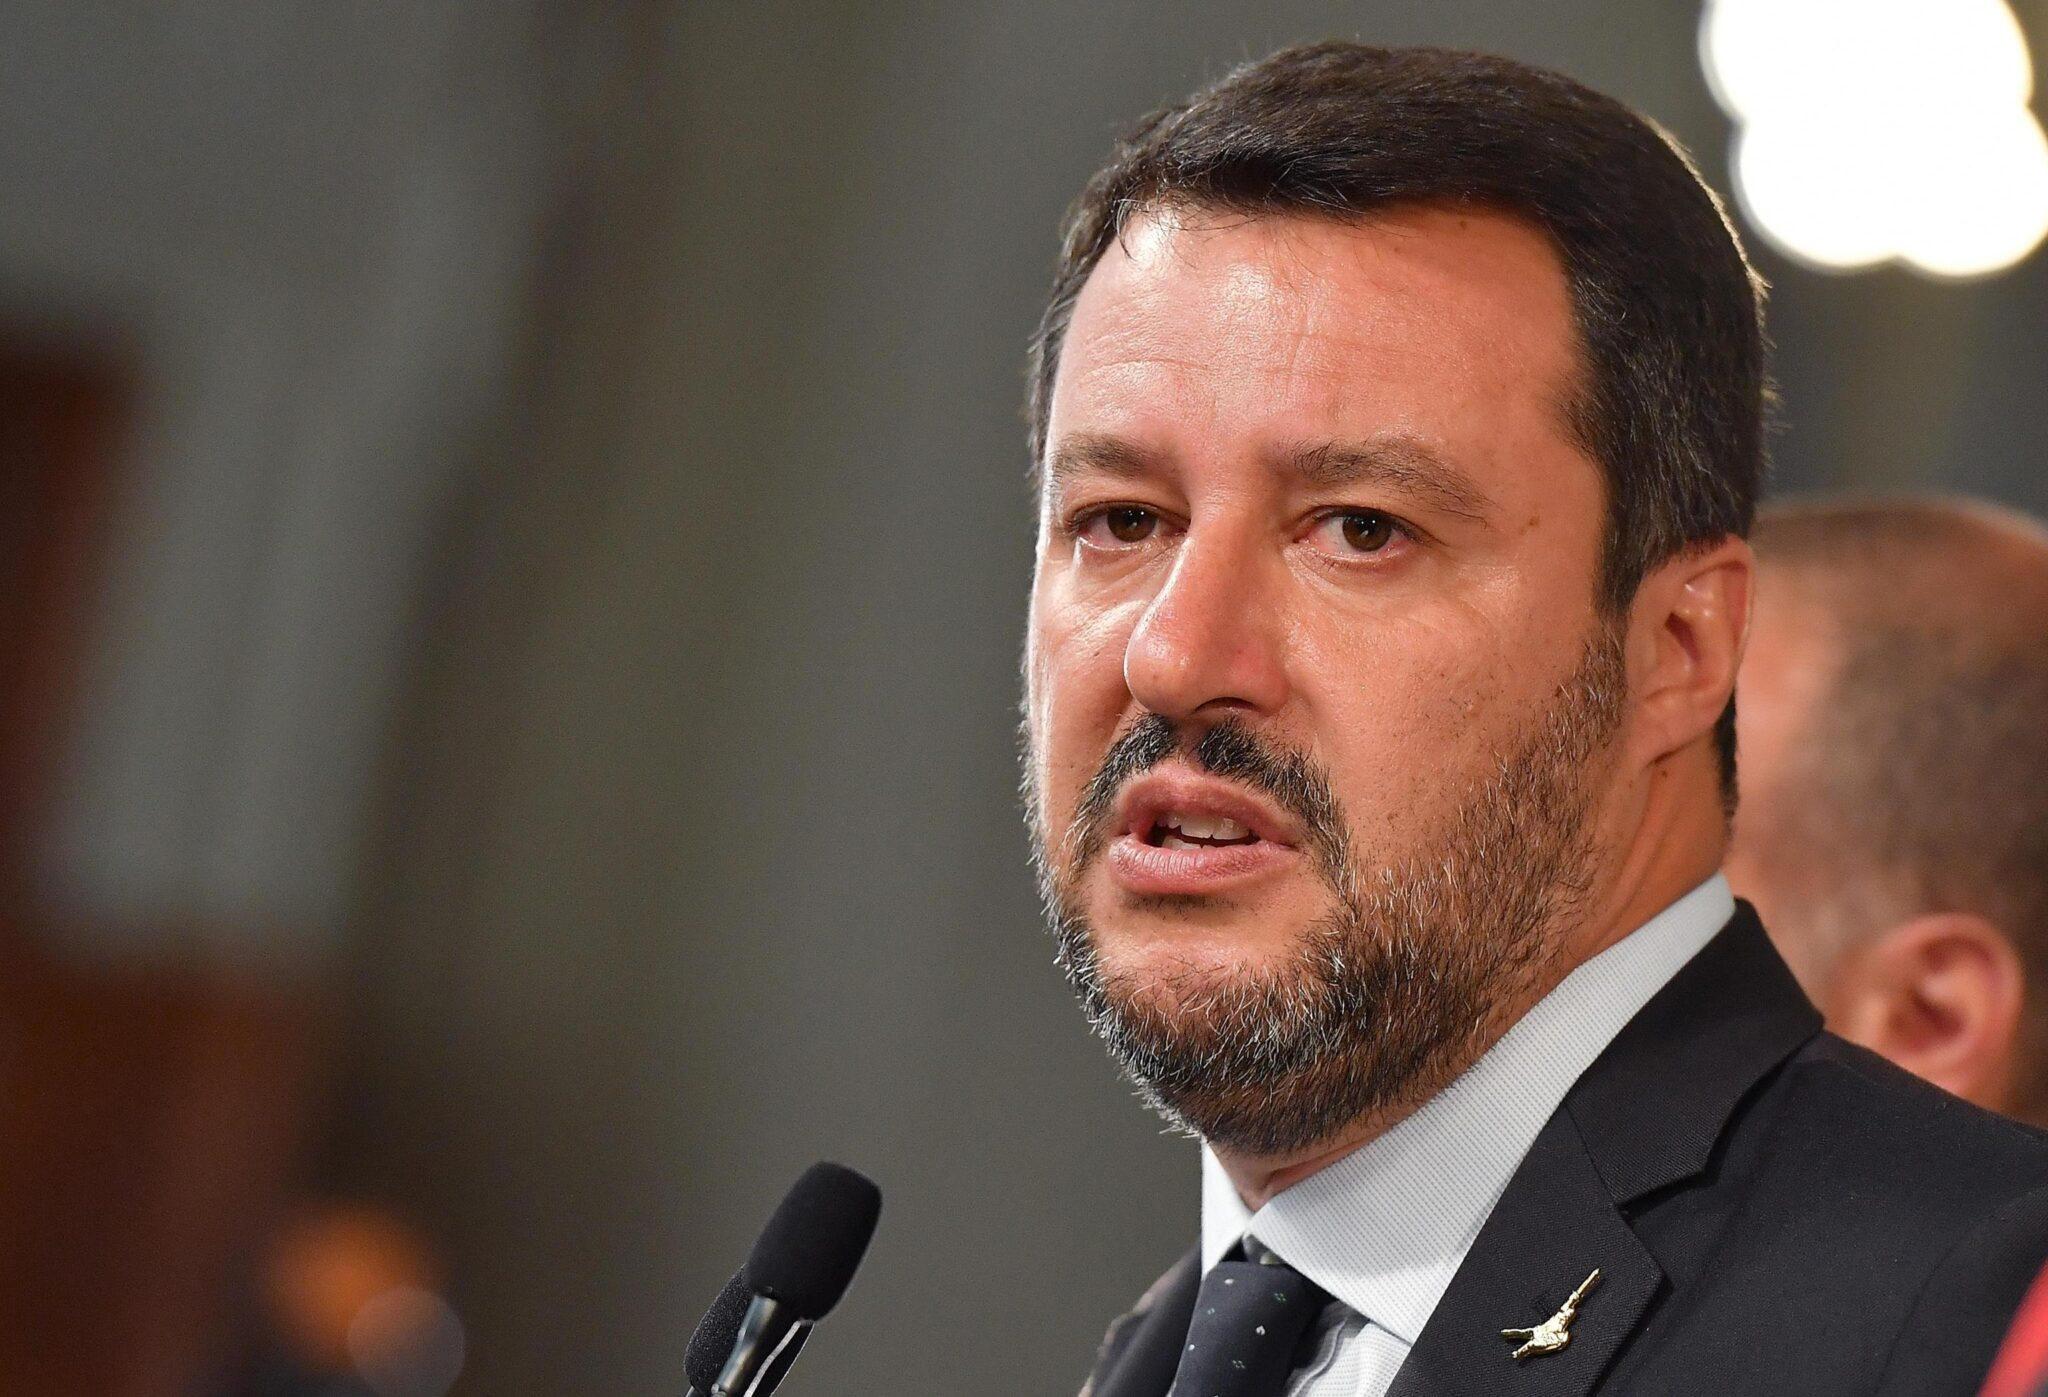 L'accusa di sequestro di persona a carico di Salvini non sta in piedi.<br> Manca il dolo generico.<br>A un mese dal processo ecco i dubbi…